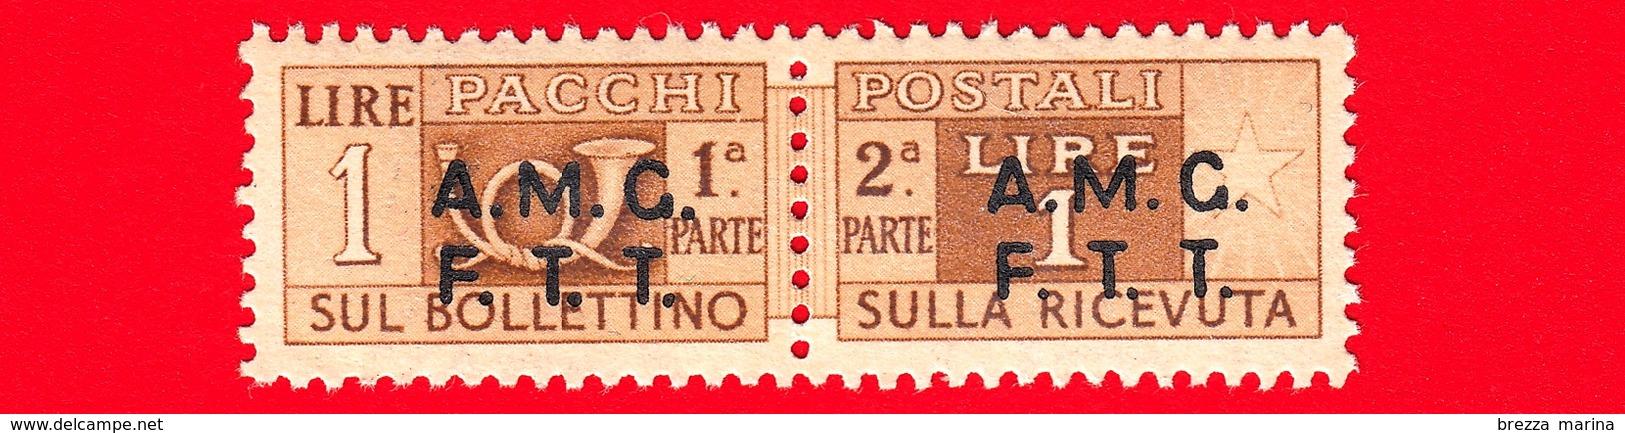 Nuovo - MNH - ITALIA - Trieste - AMG FTT - 1947-48 - Corno Di Posta, Soprastampa Su Due Righe - Pacchi Postali - 1 - 7. Triest